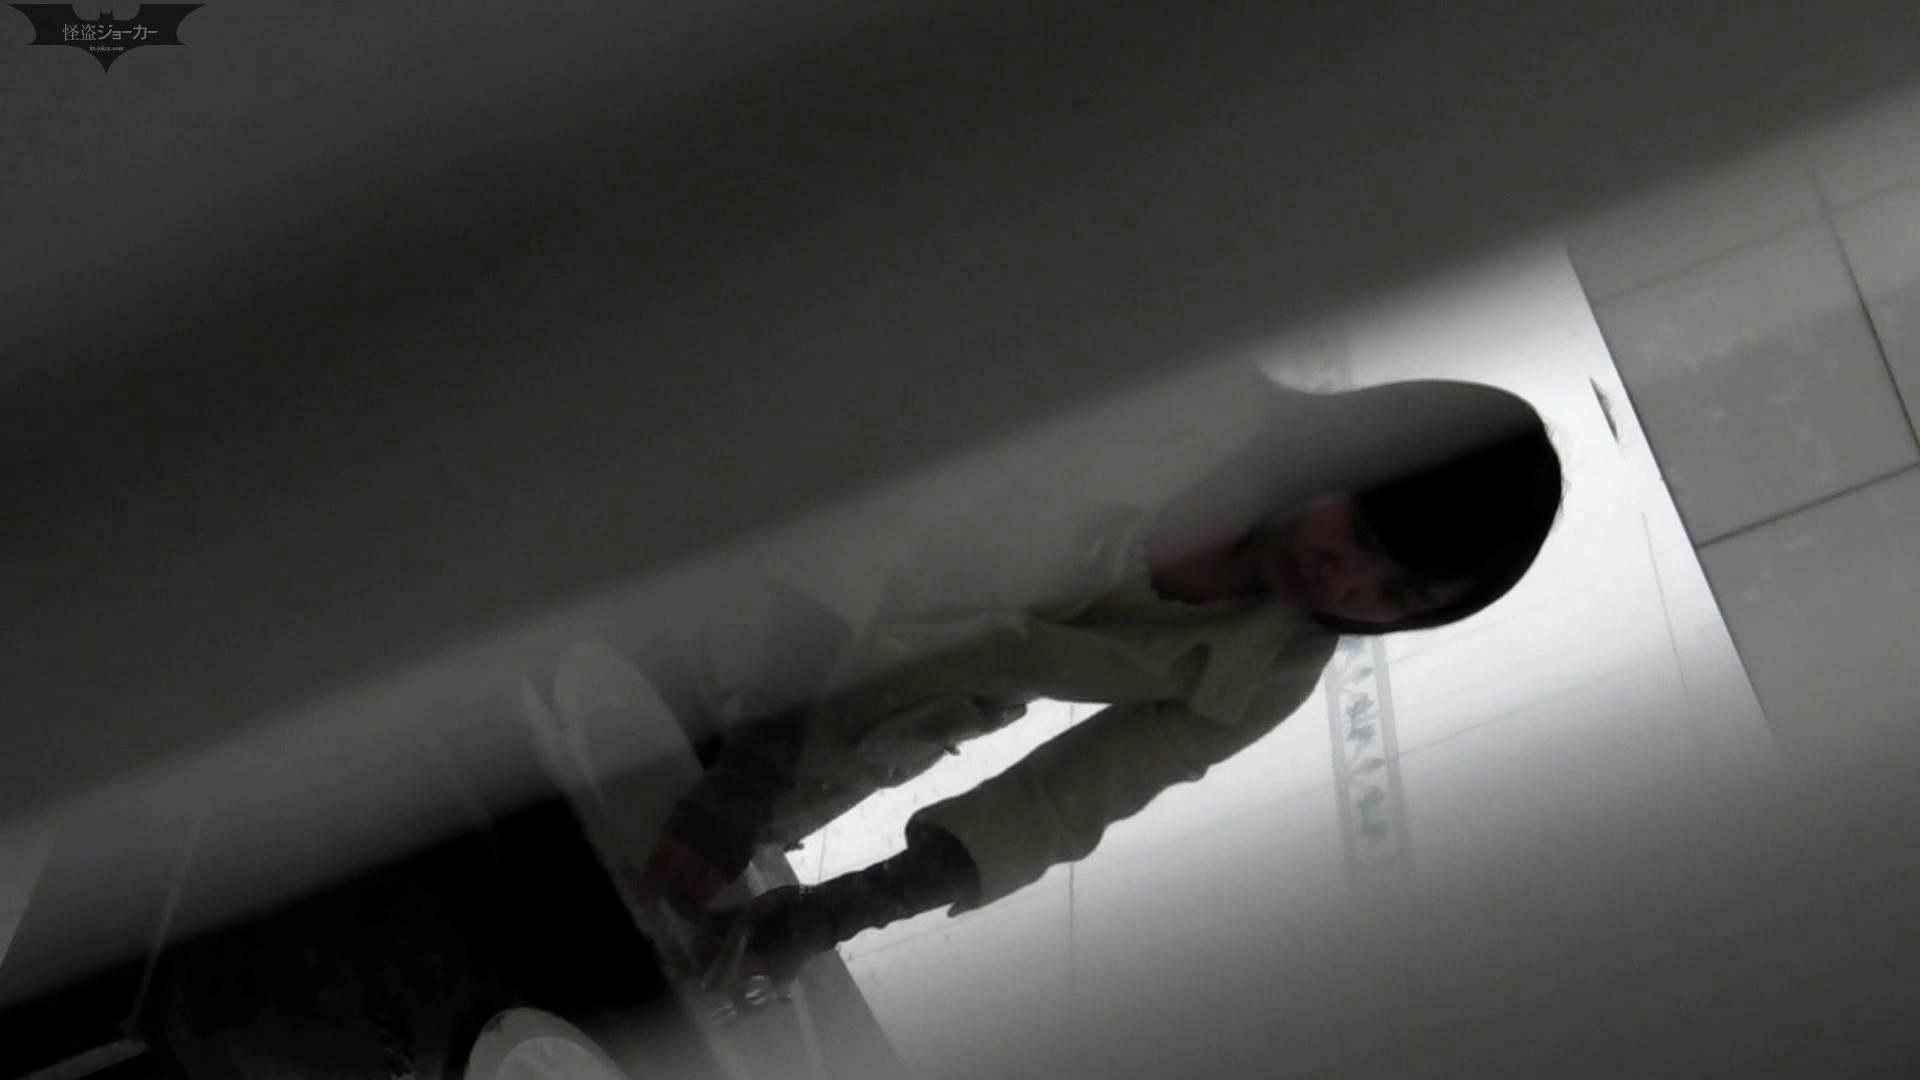 無修正おまんこ動画|なんだこれ!! Vol.02 貴重!!大事な膜が丸見え!|怪盗ジョーカー